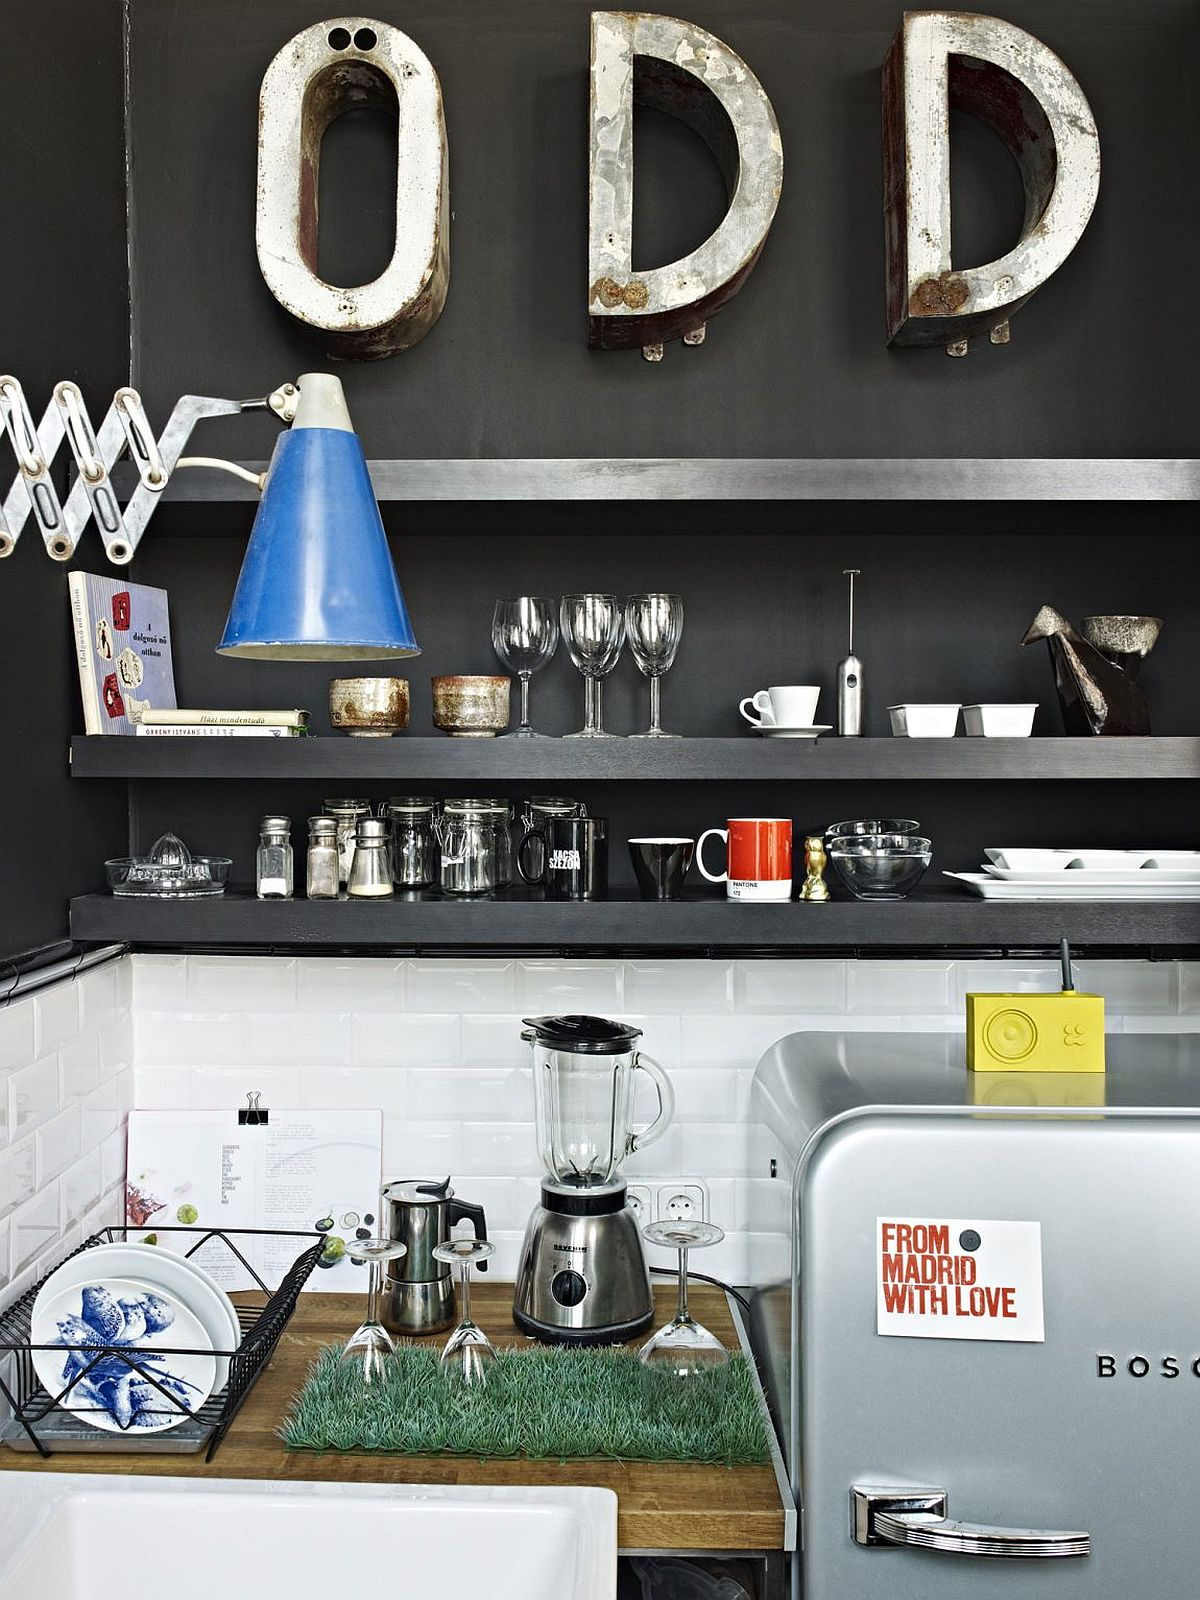 Sleek contemporary shelves in the black for the dark kitchenette